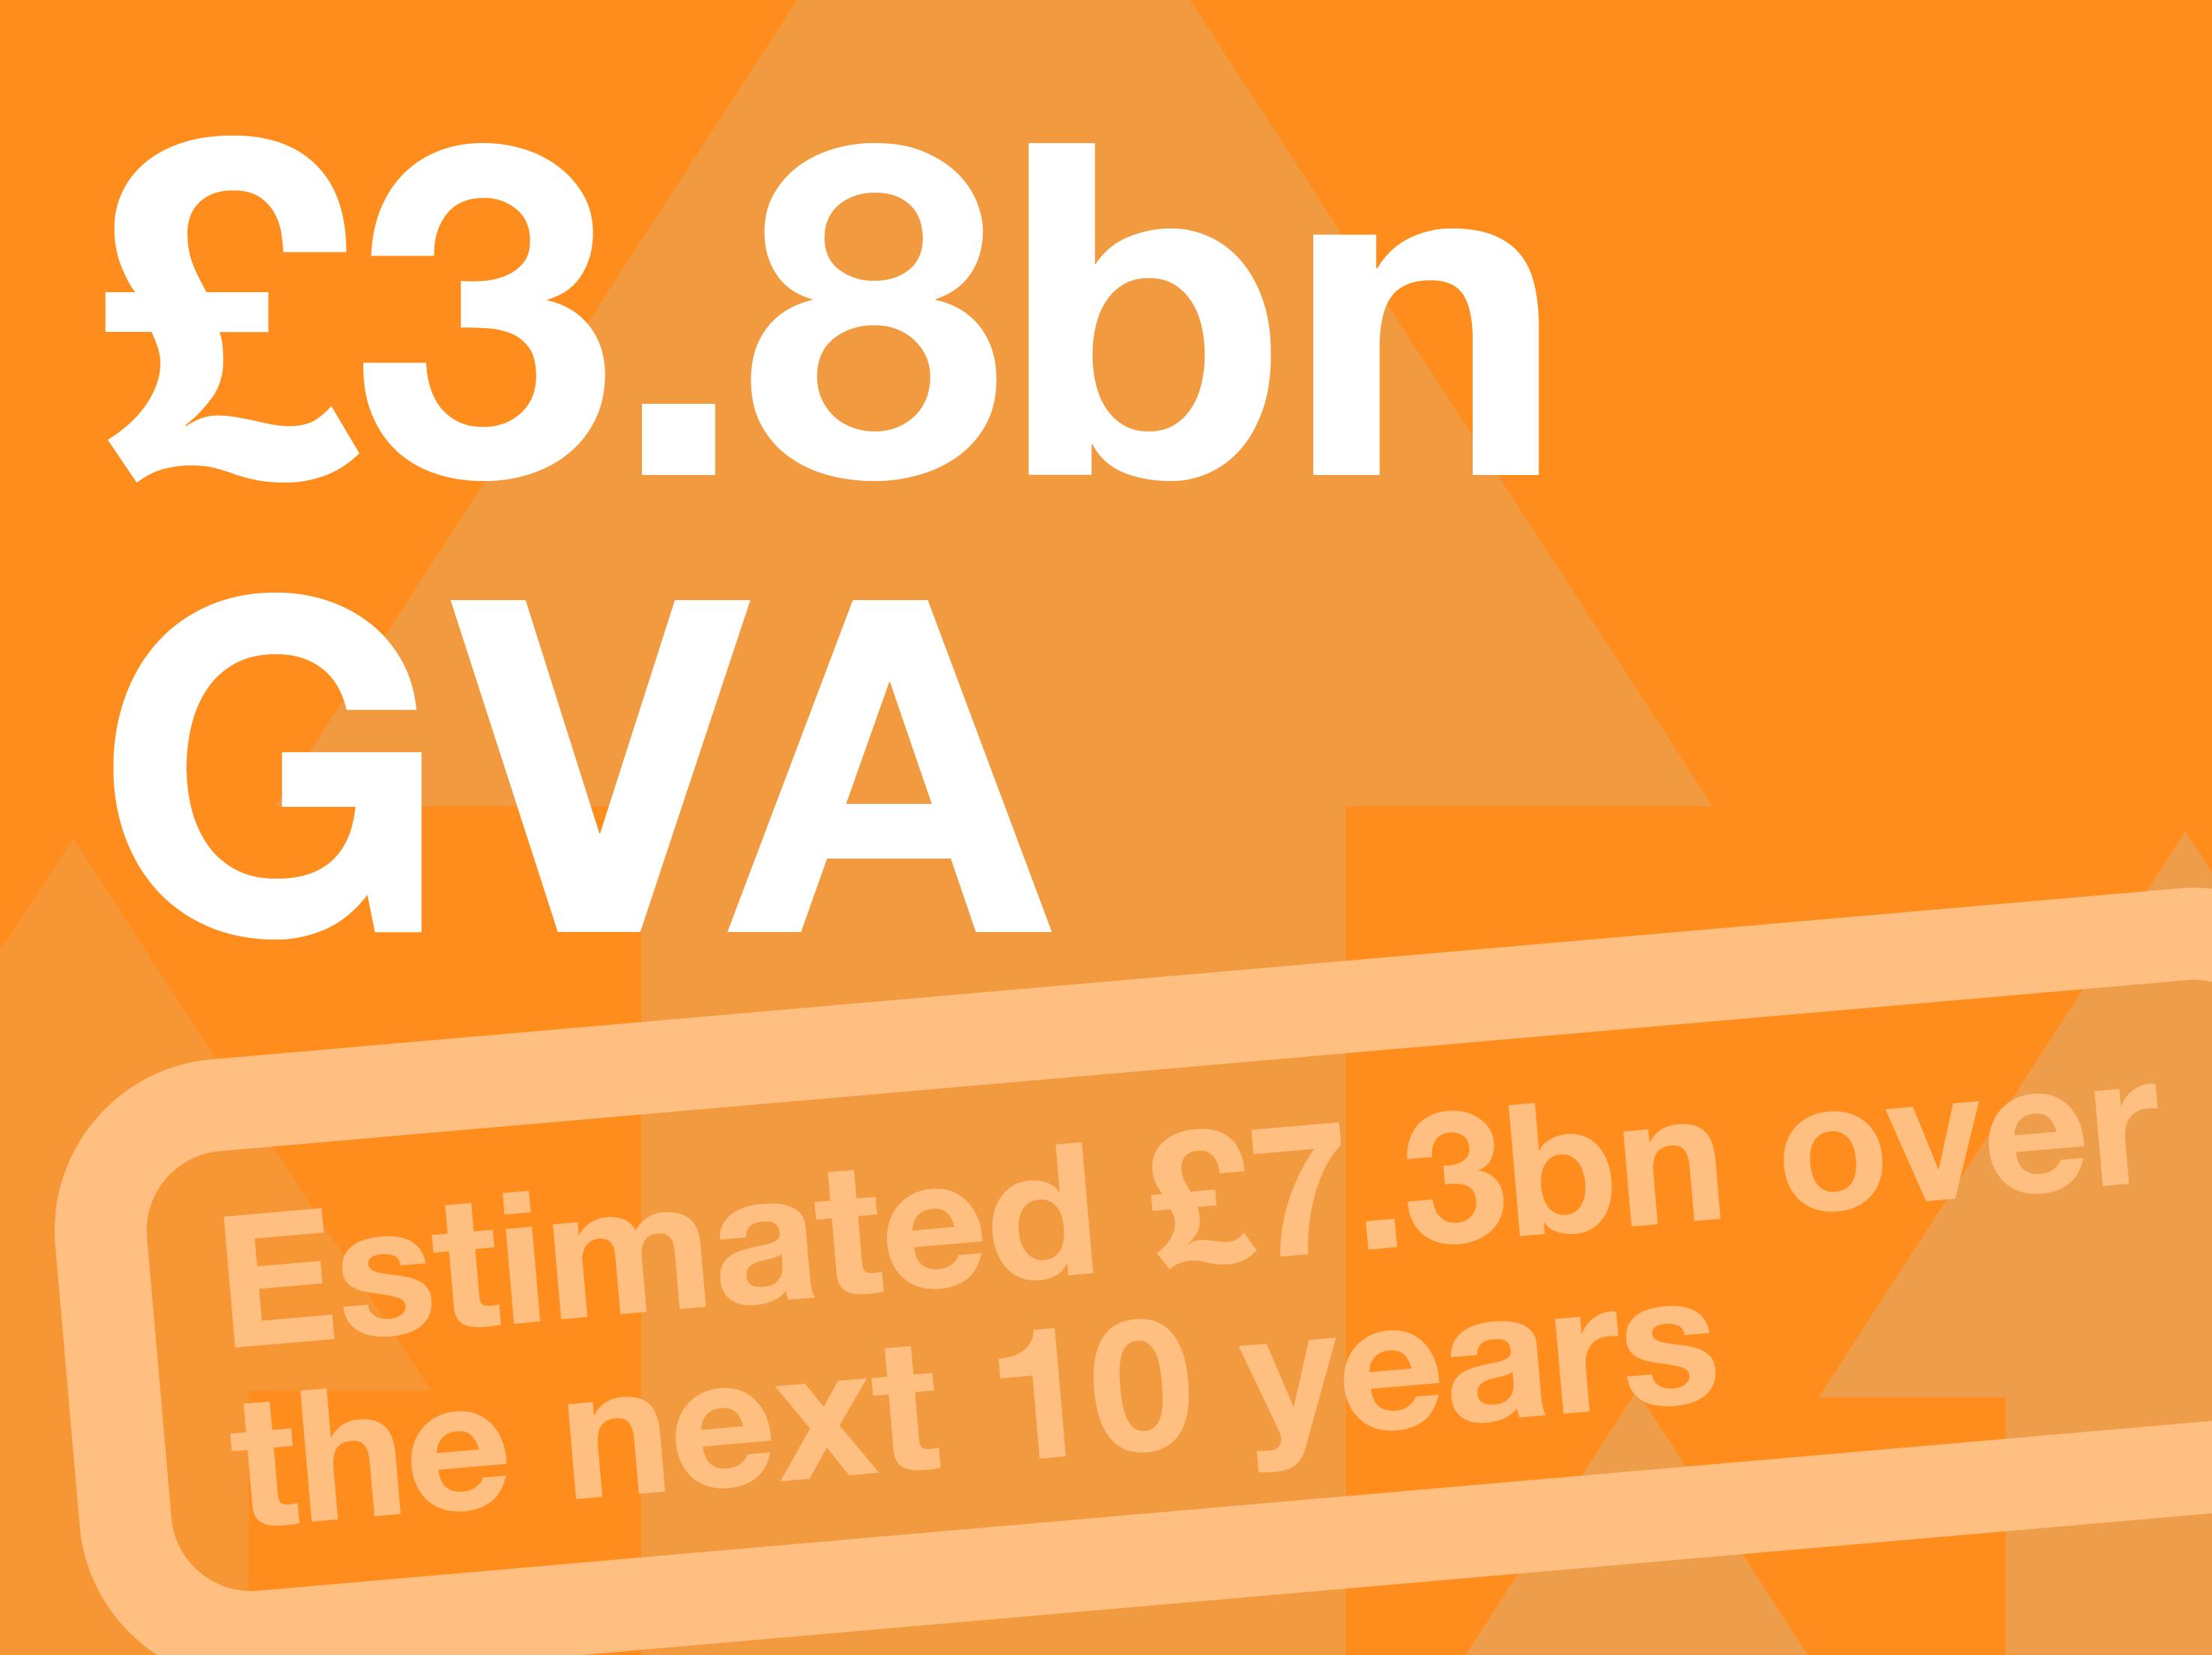 SETsquared companies have delivered £3.8 billion GVA